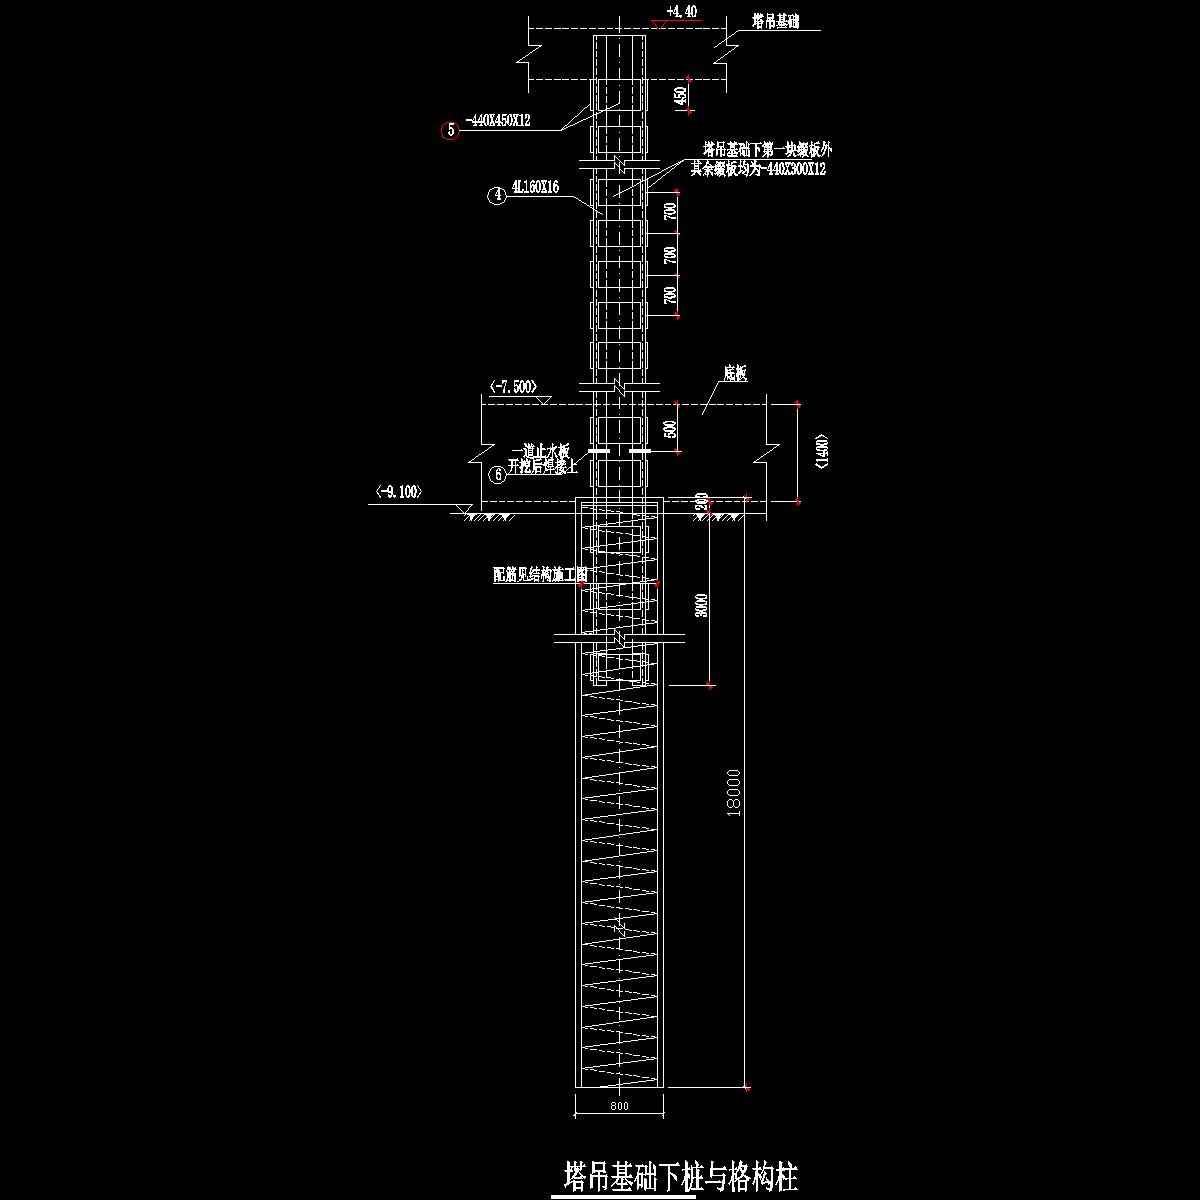 塔吊基础下桩与格构柱.dwg